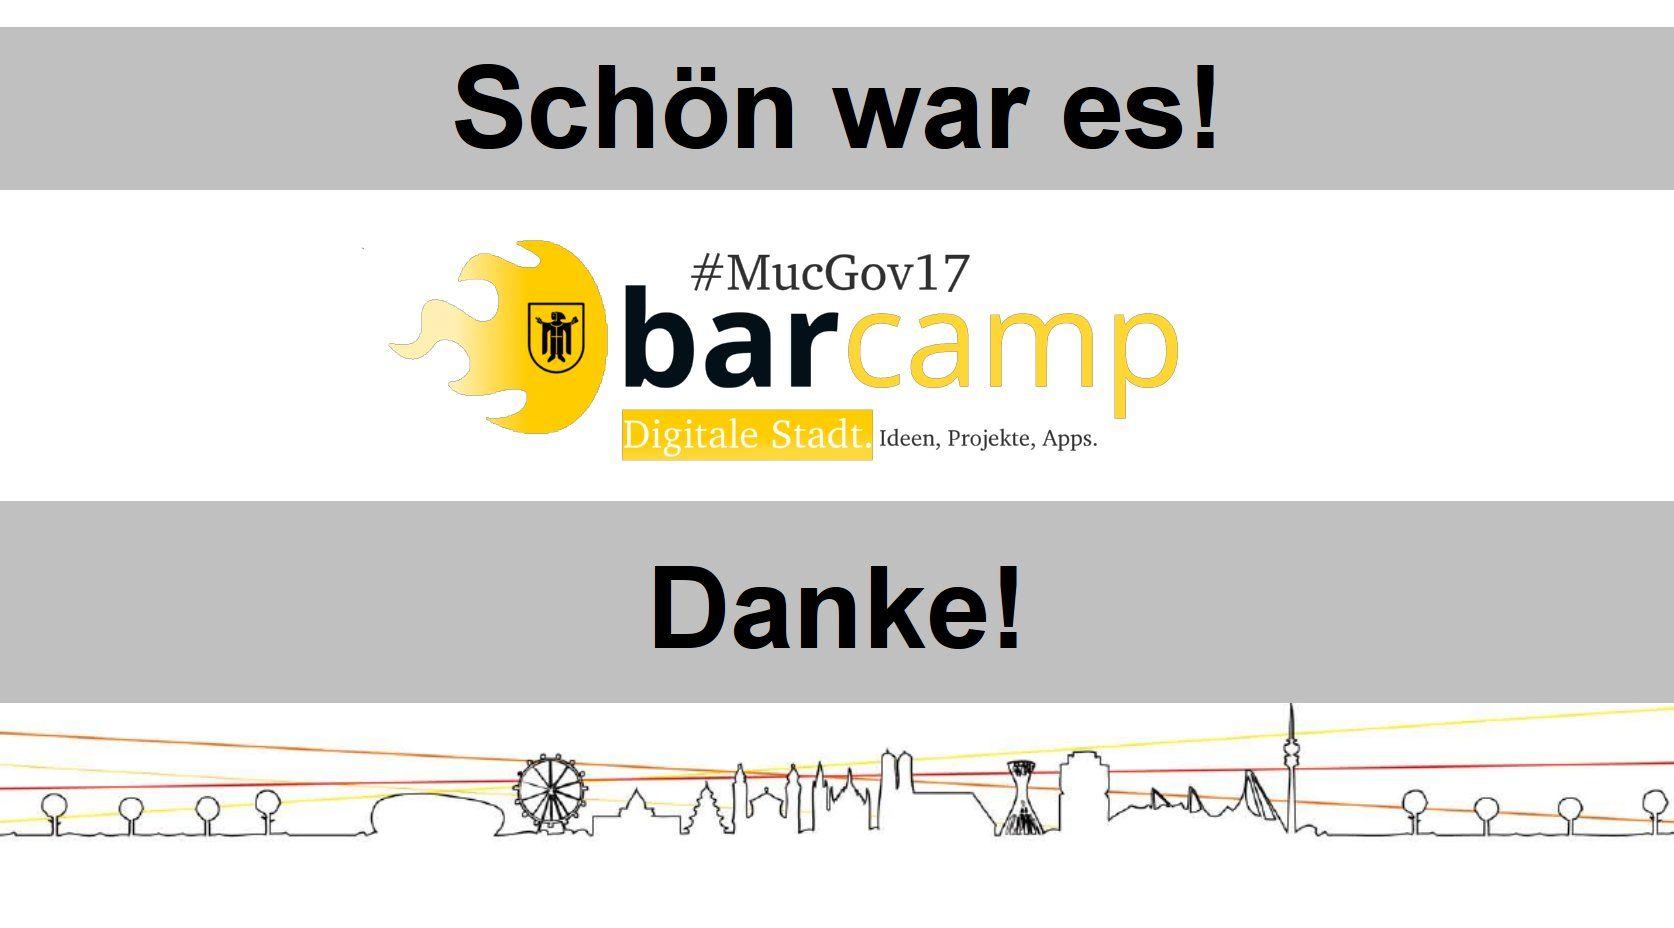 Logo des MucGov17 Barcamp